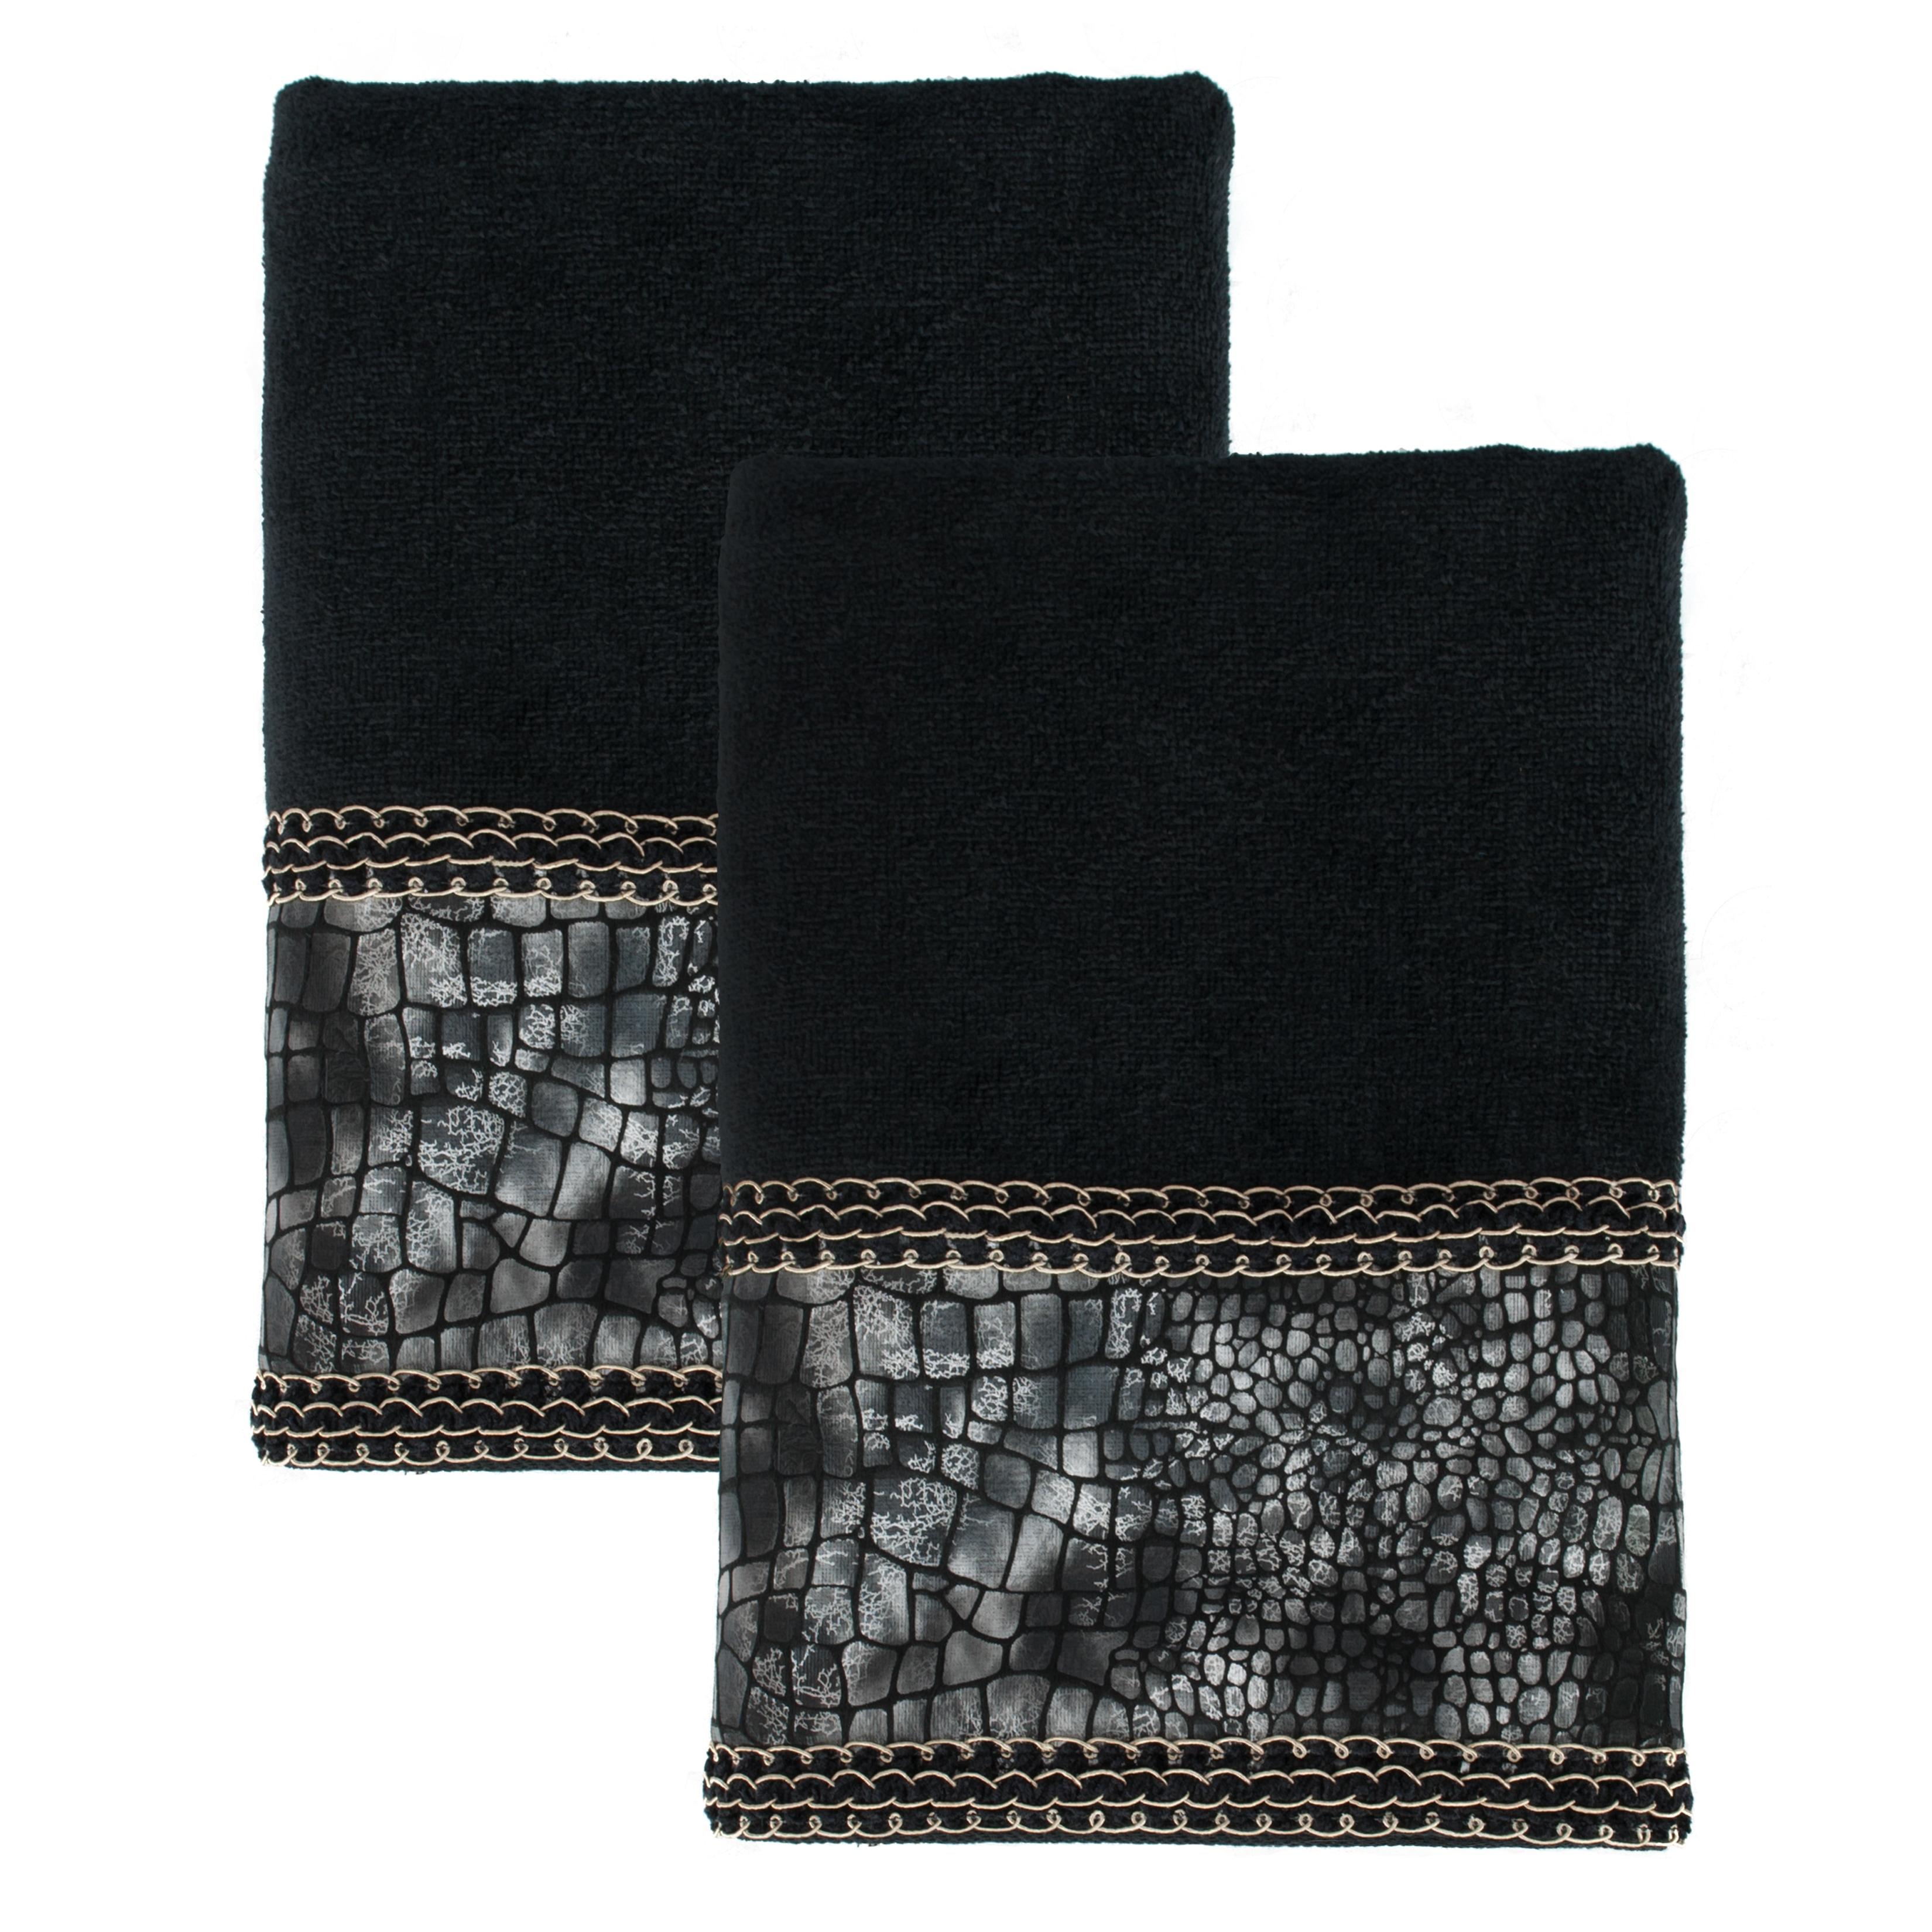 Shop Sherry Kline It S A Croc Black Decorative Bath Towel Set Of